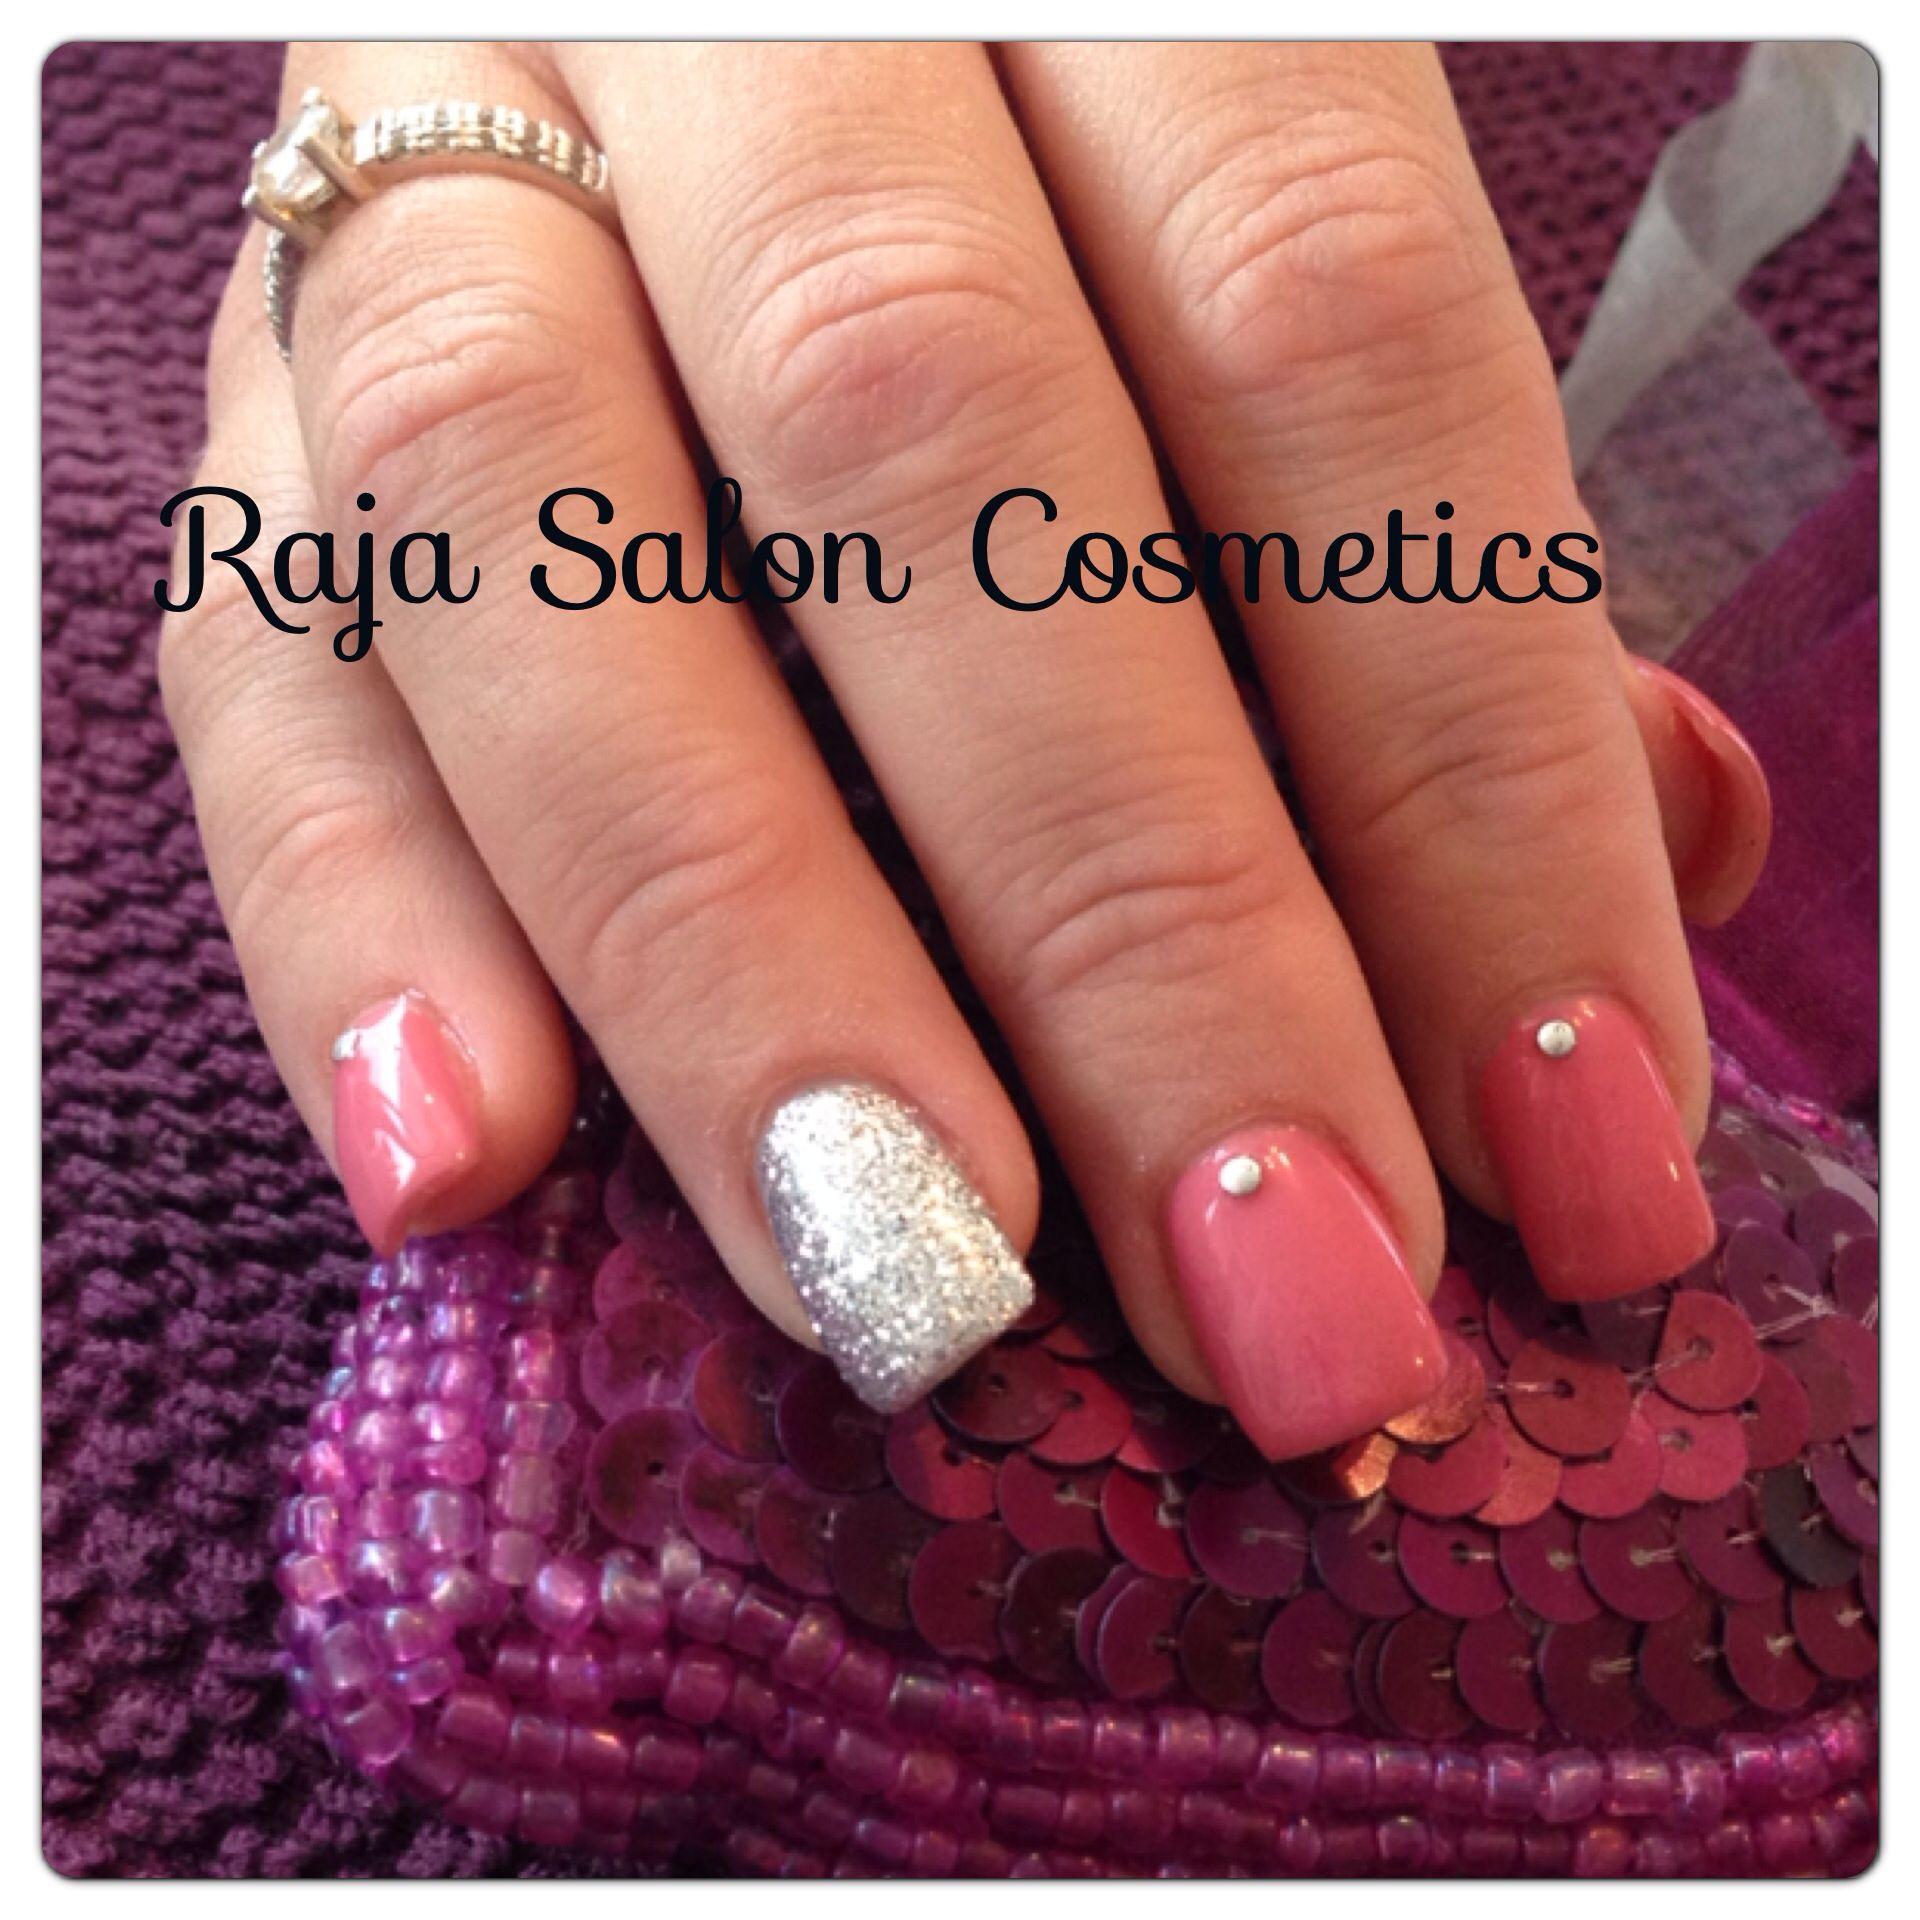 Love Young Nails mani-Q color Www.raja-saloncosmetics.nl | Mani-q ...